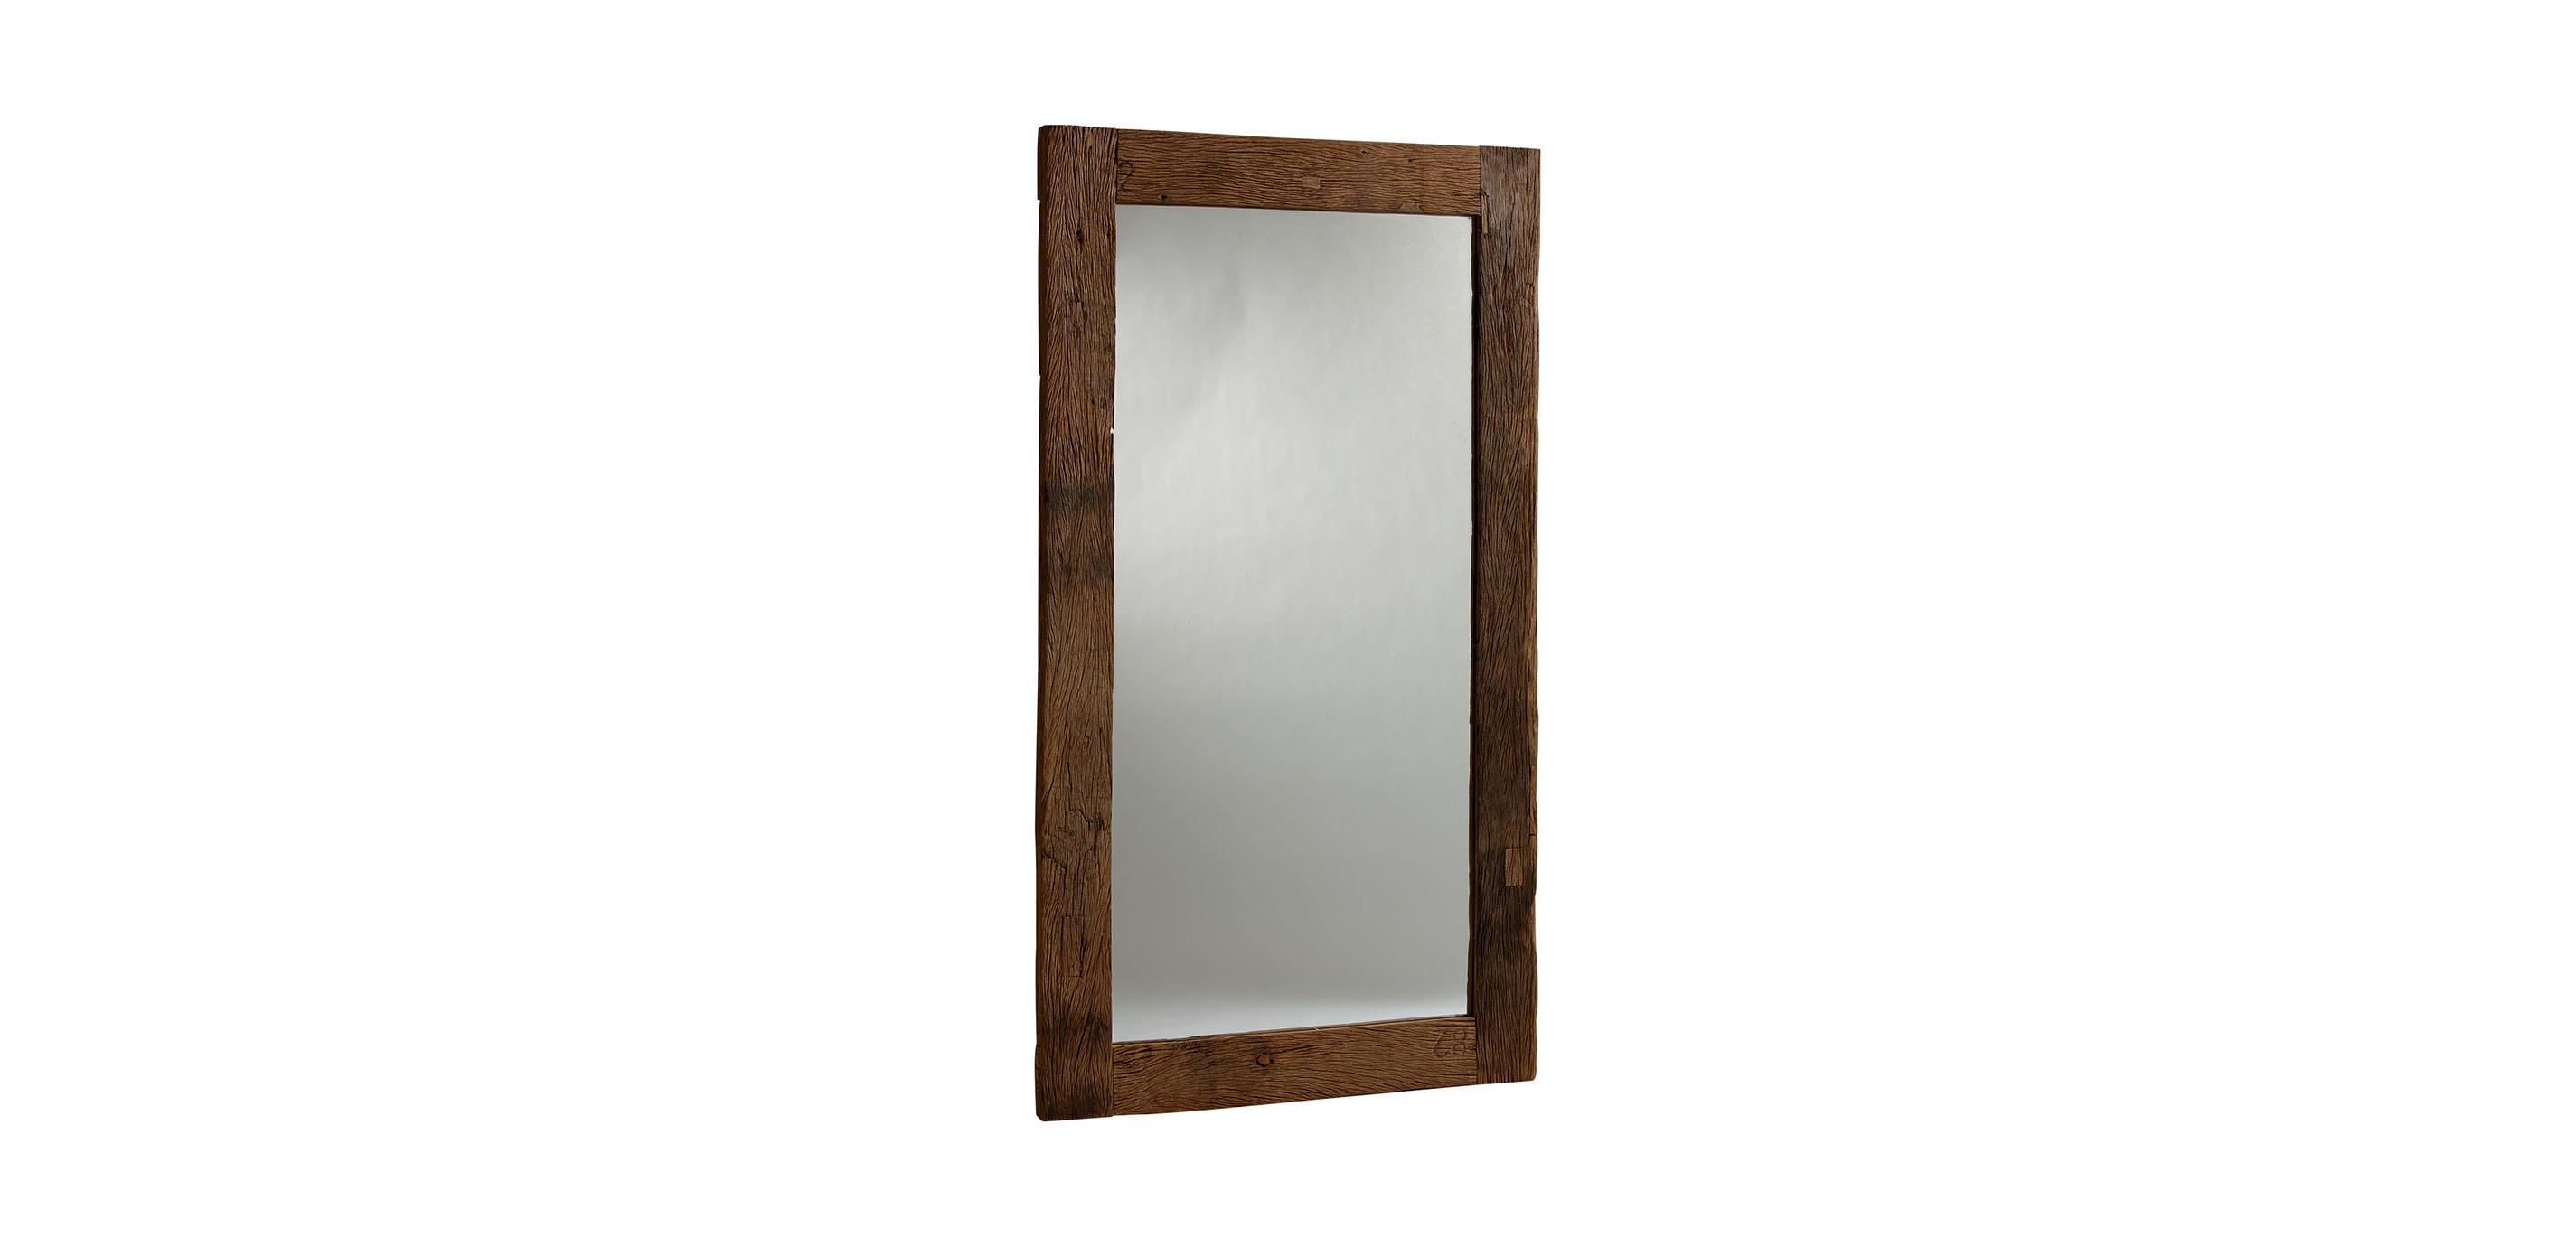 Reclaimed Wood Floor Mirror Mirrors Ethan Allen